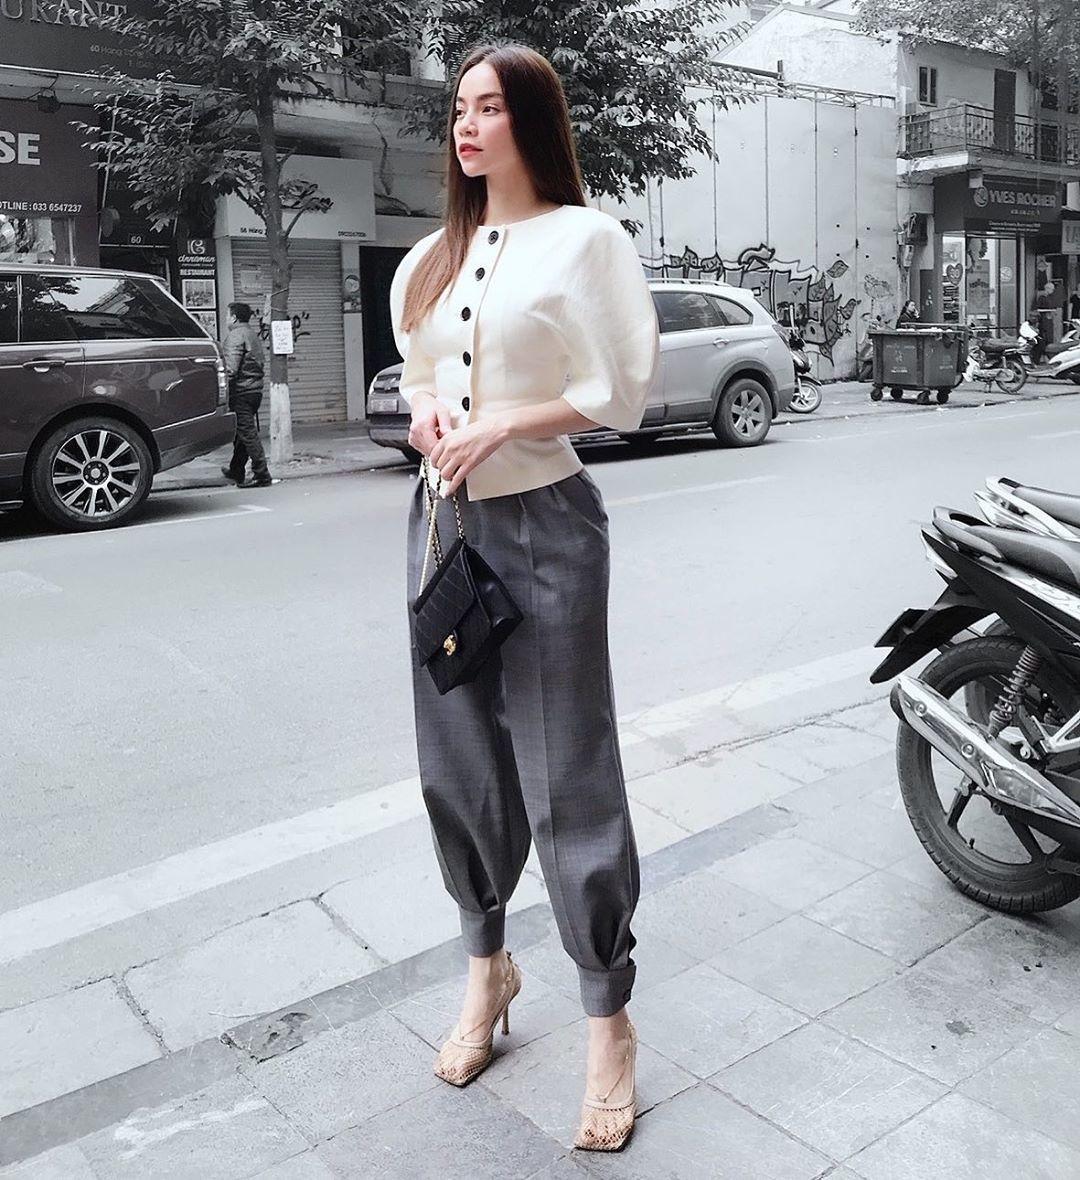 Sao Việt ngày 22/2: Hồ Ngọc Hà triết lý về tình yêu, Ngọc Trinh khoe dáng  nuột - VietNamNet